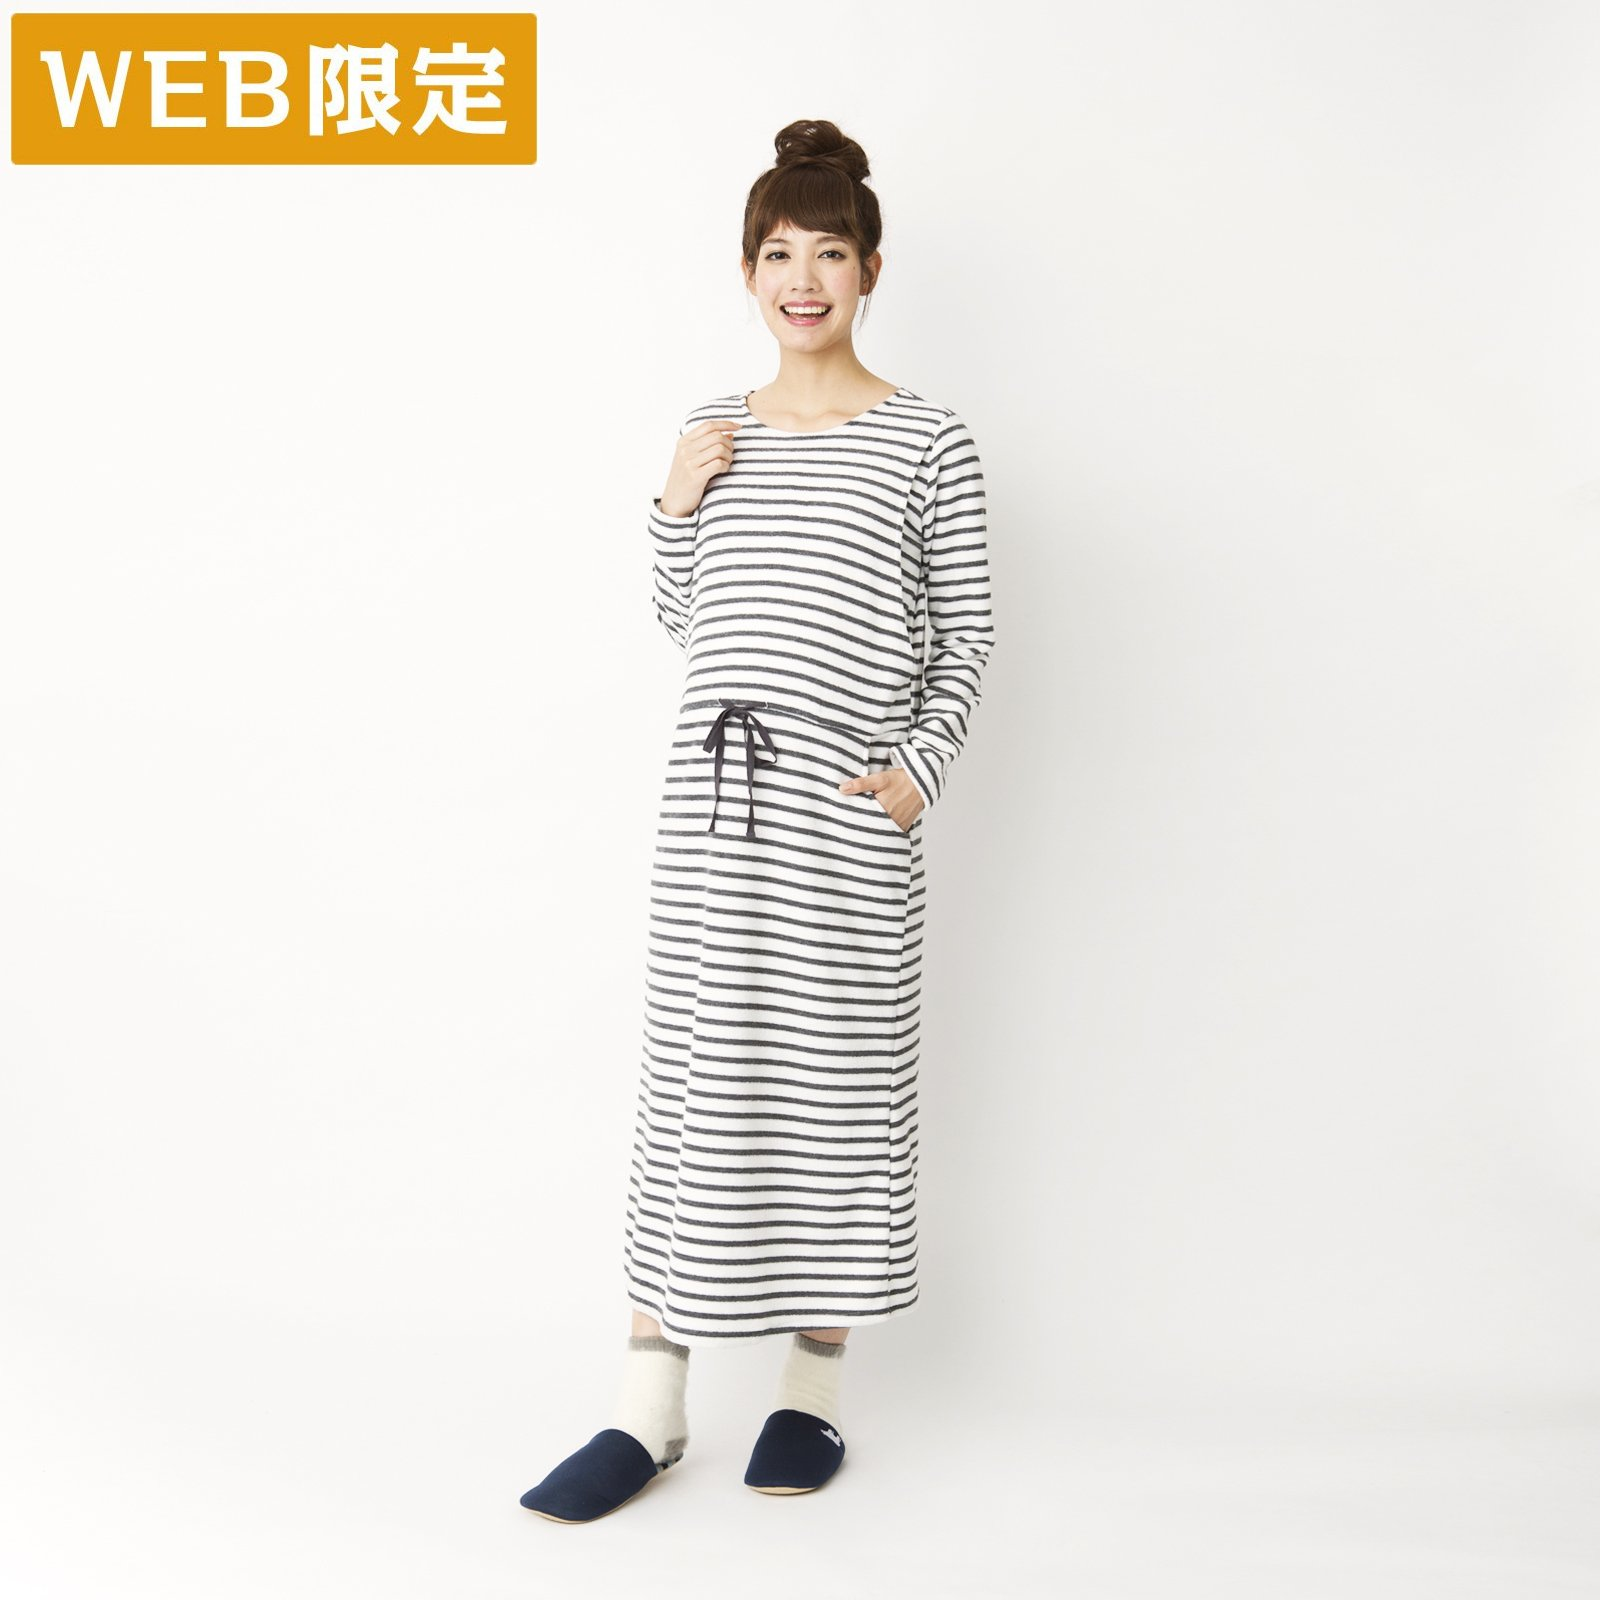 日本nissen孕产妇哺乳喂奶服装秋季外出加绒侧开口到脚踝连衣长裙